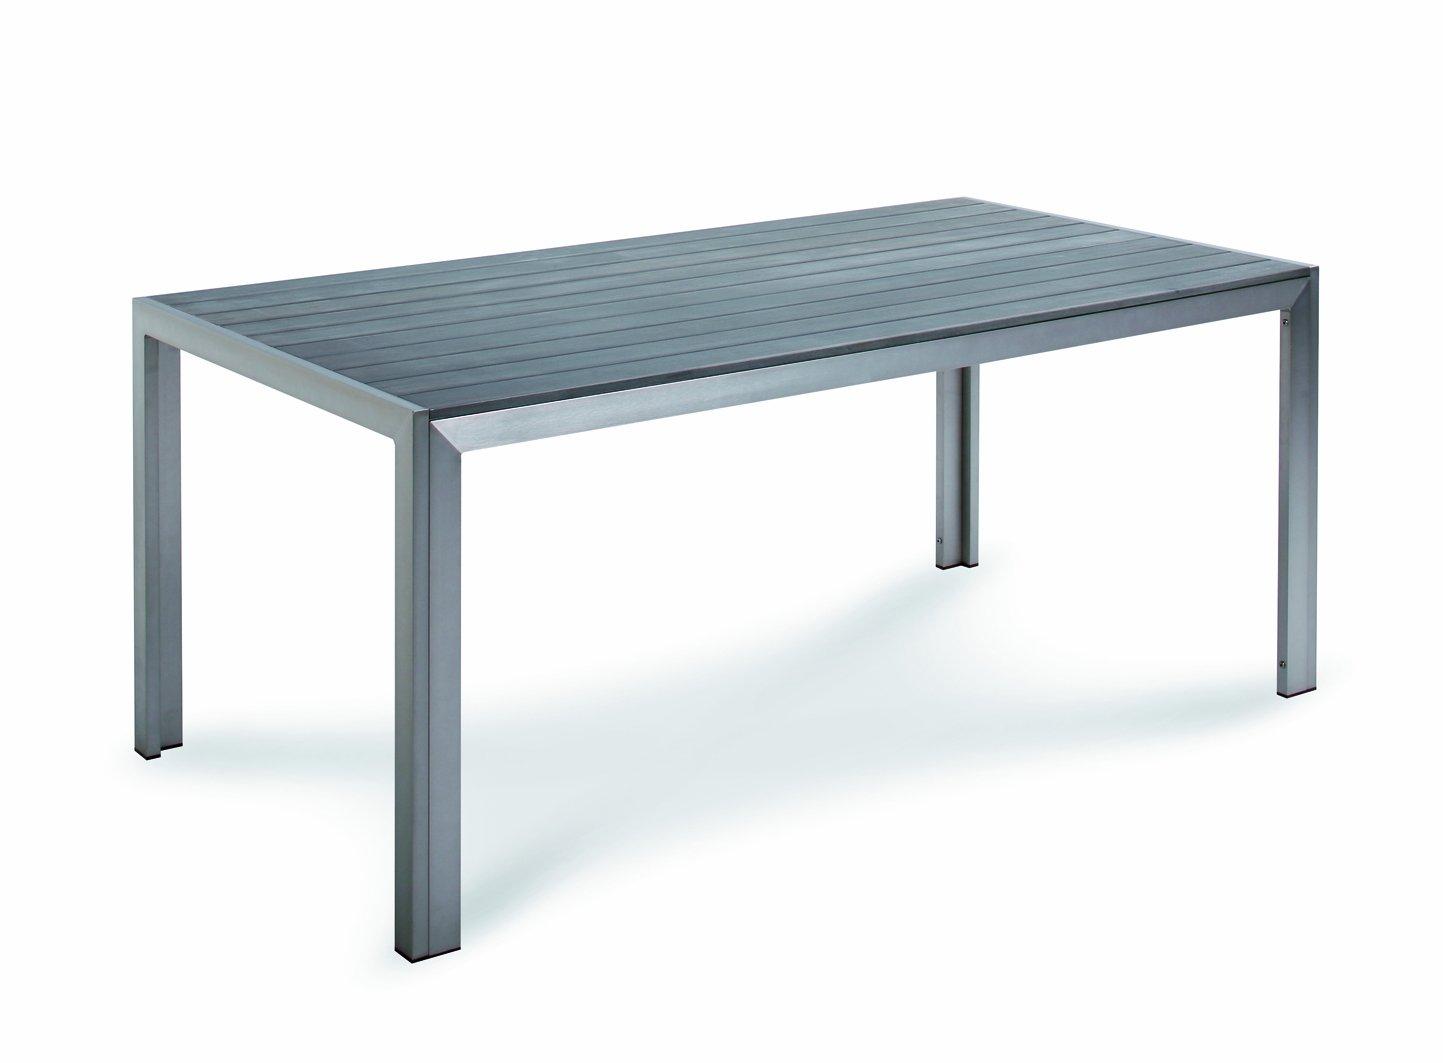 Best 46851885 Tisch Seattle 180 x 90 cm, silber / anthrazit kaufen